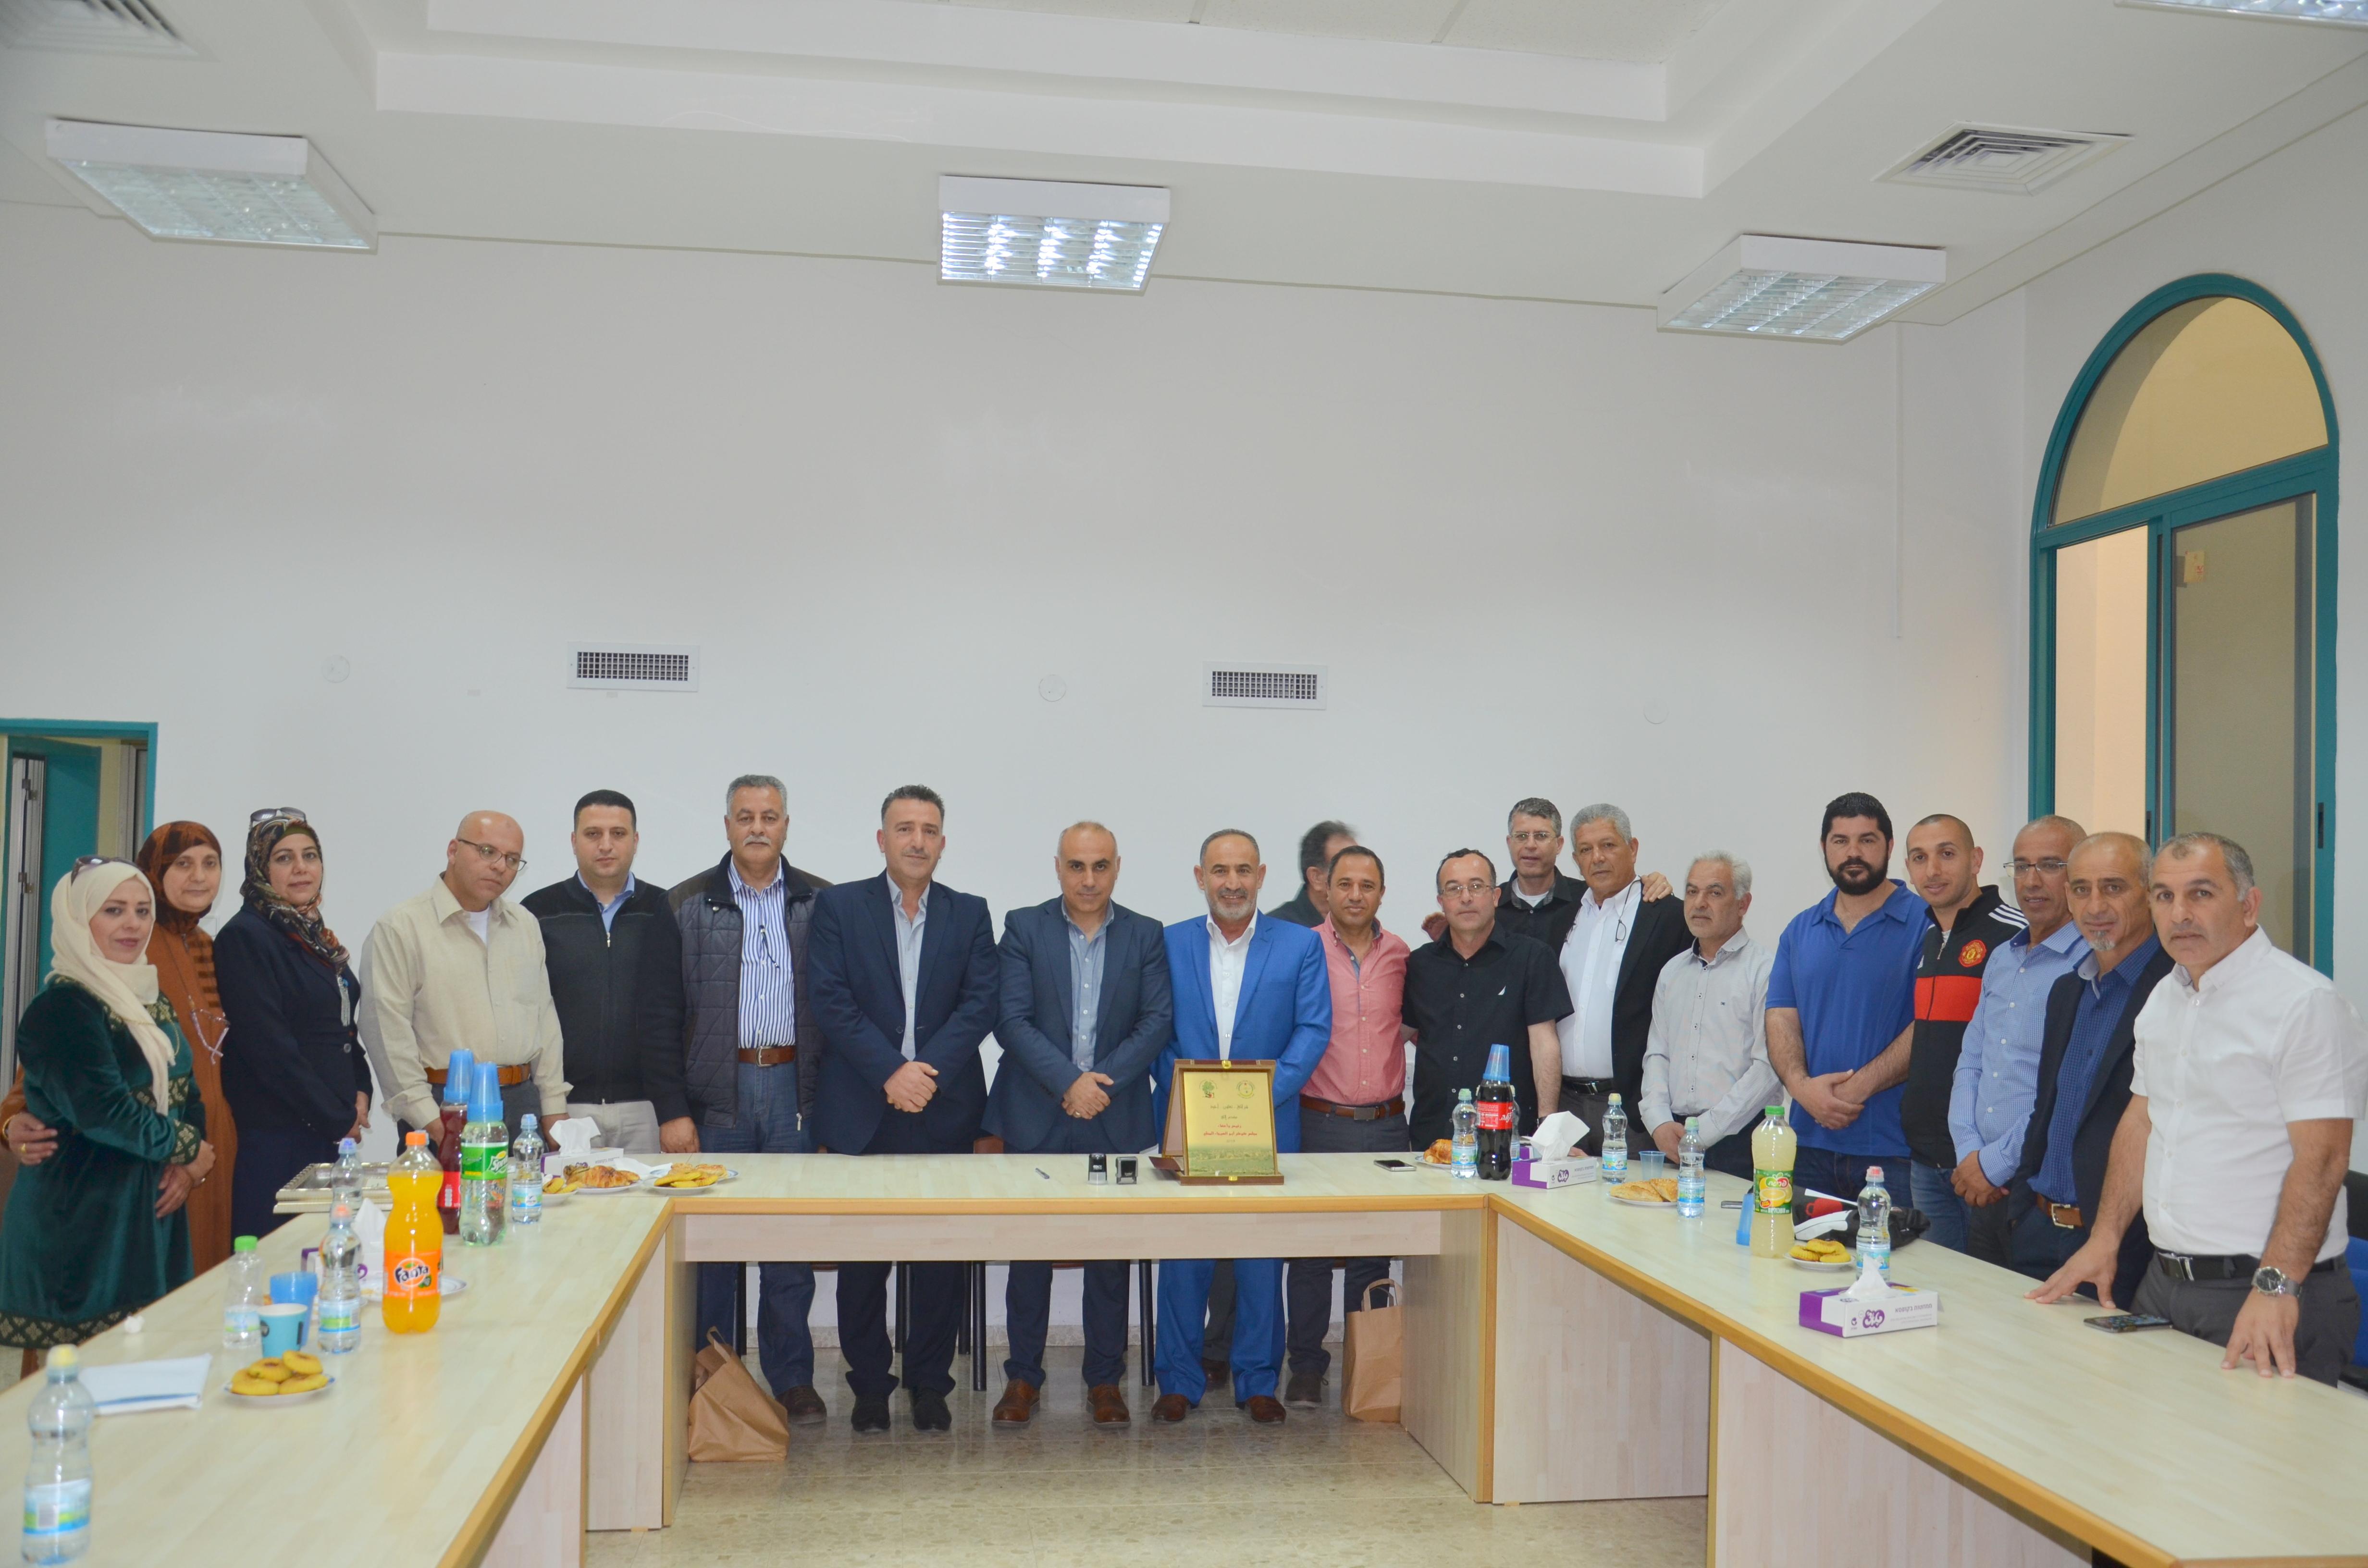 وفد من بلدية سلفيت في زيارة لمجلس كوكب ابو الهيجاء تُوِجت بتوقيع اتفاقية توأمة بين البلدين